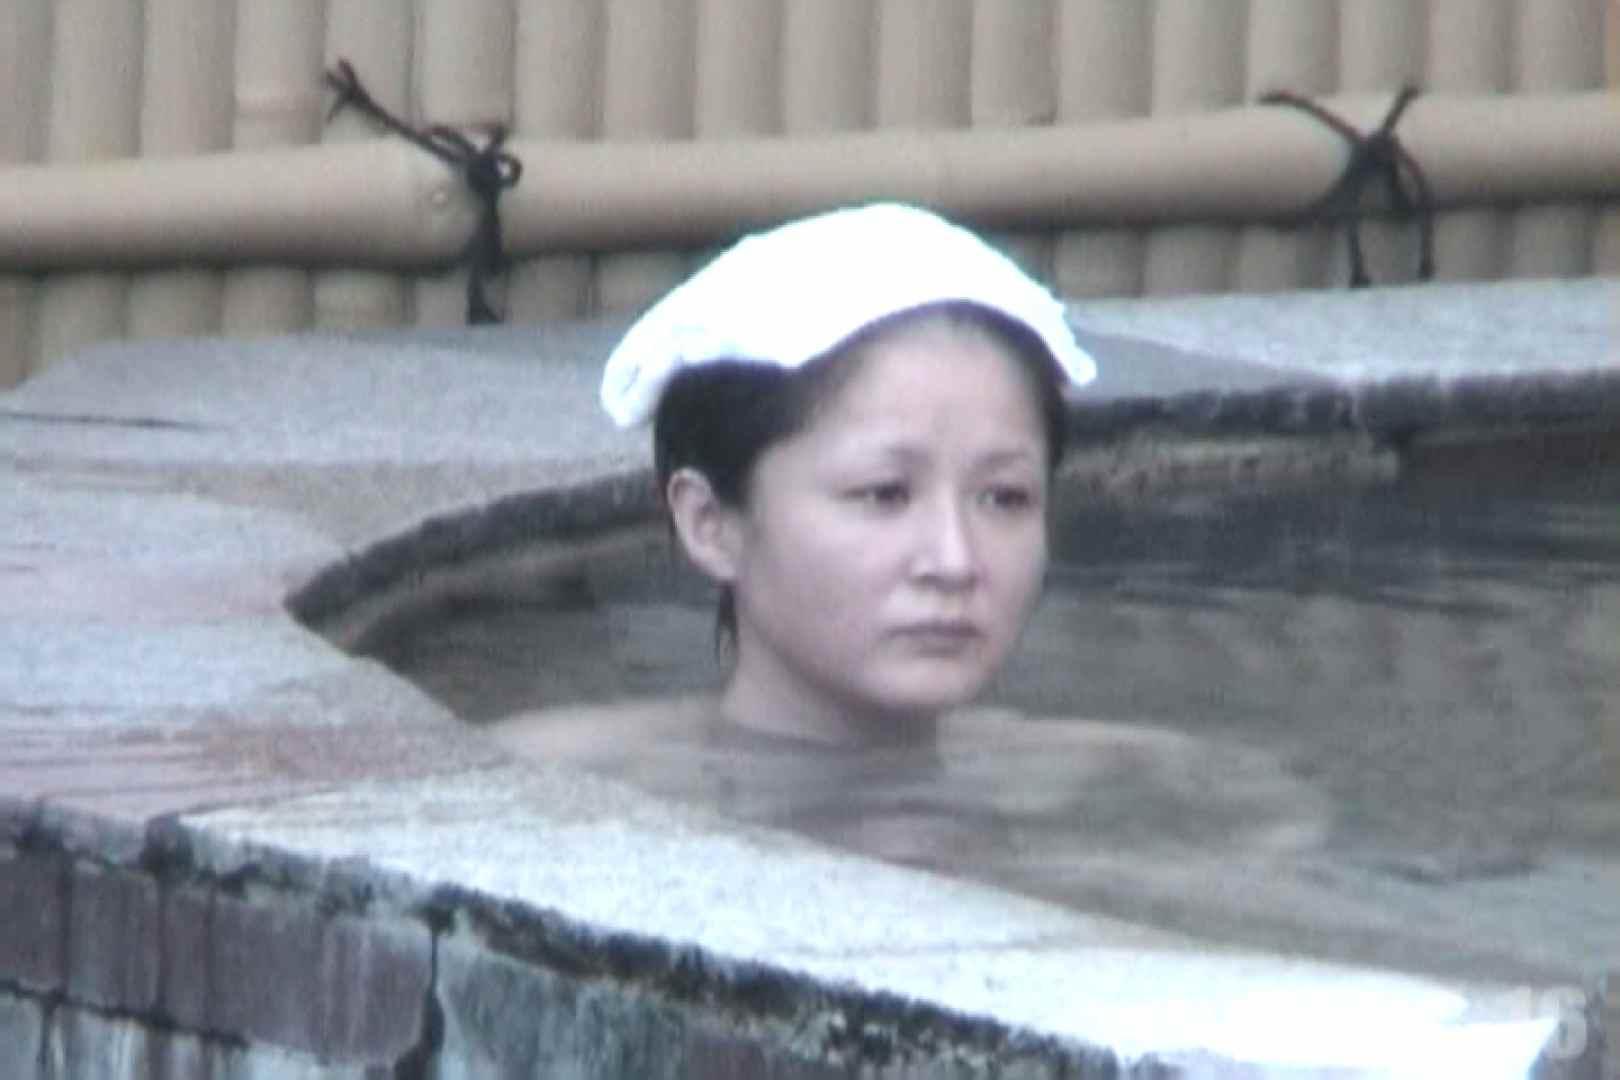 Aquaな露天風呂Vol.845 盗撮 | OLのエロ生活  40連発 34